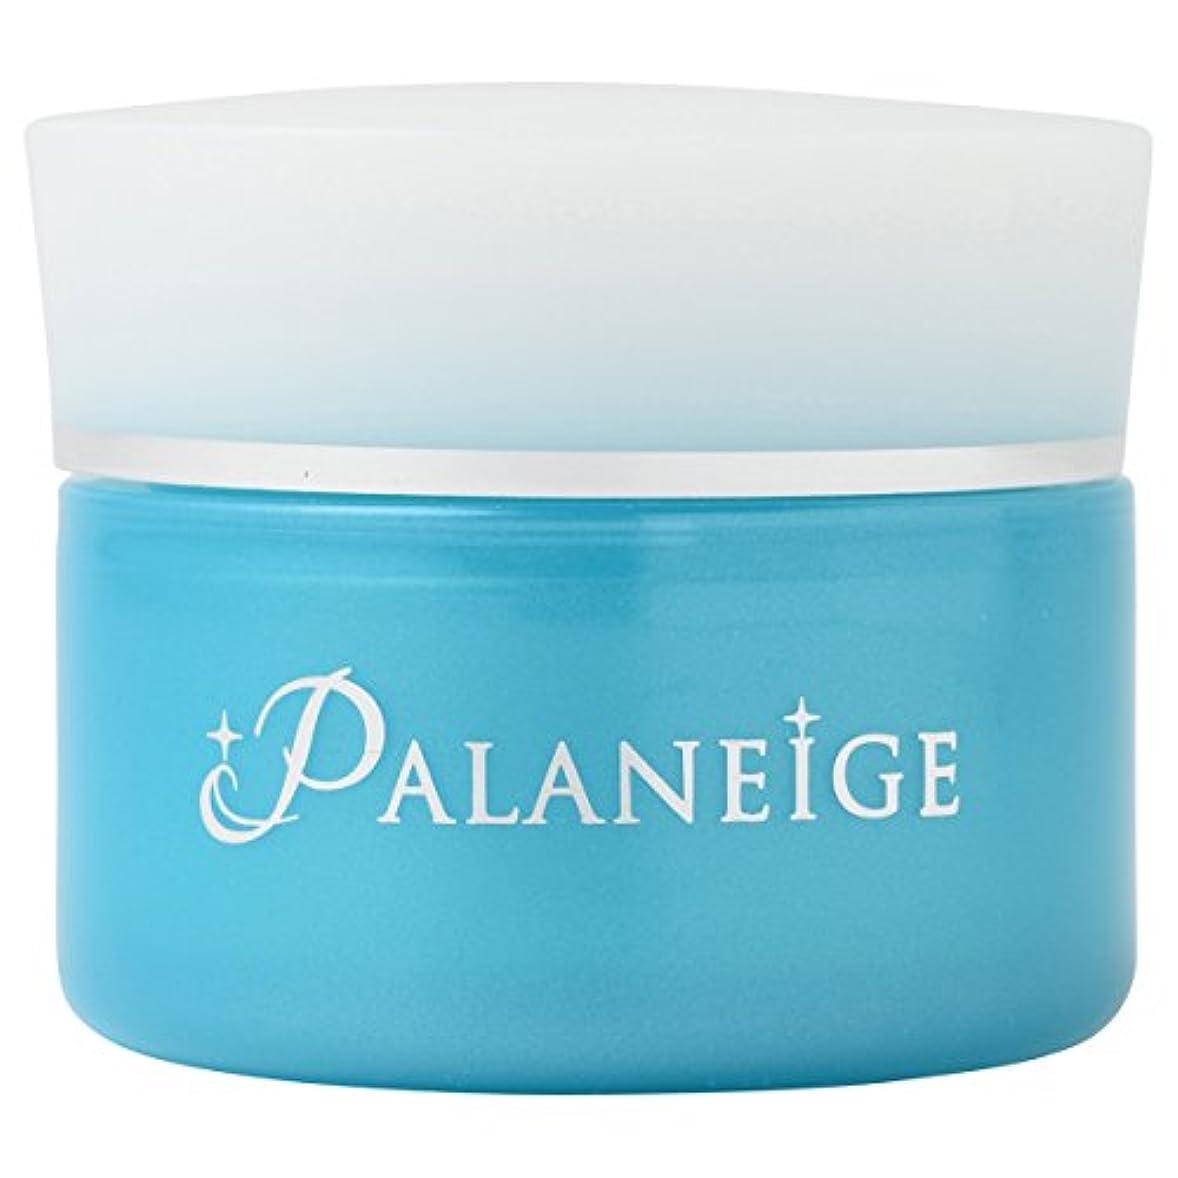 最も遠い常に杖パラネージュ ( Palaneige ) アルブチンの8倍の美白効果とプラセンタの250倍の美白有効成分があるパラオの白泥を利用した クレイパック